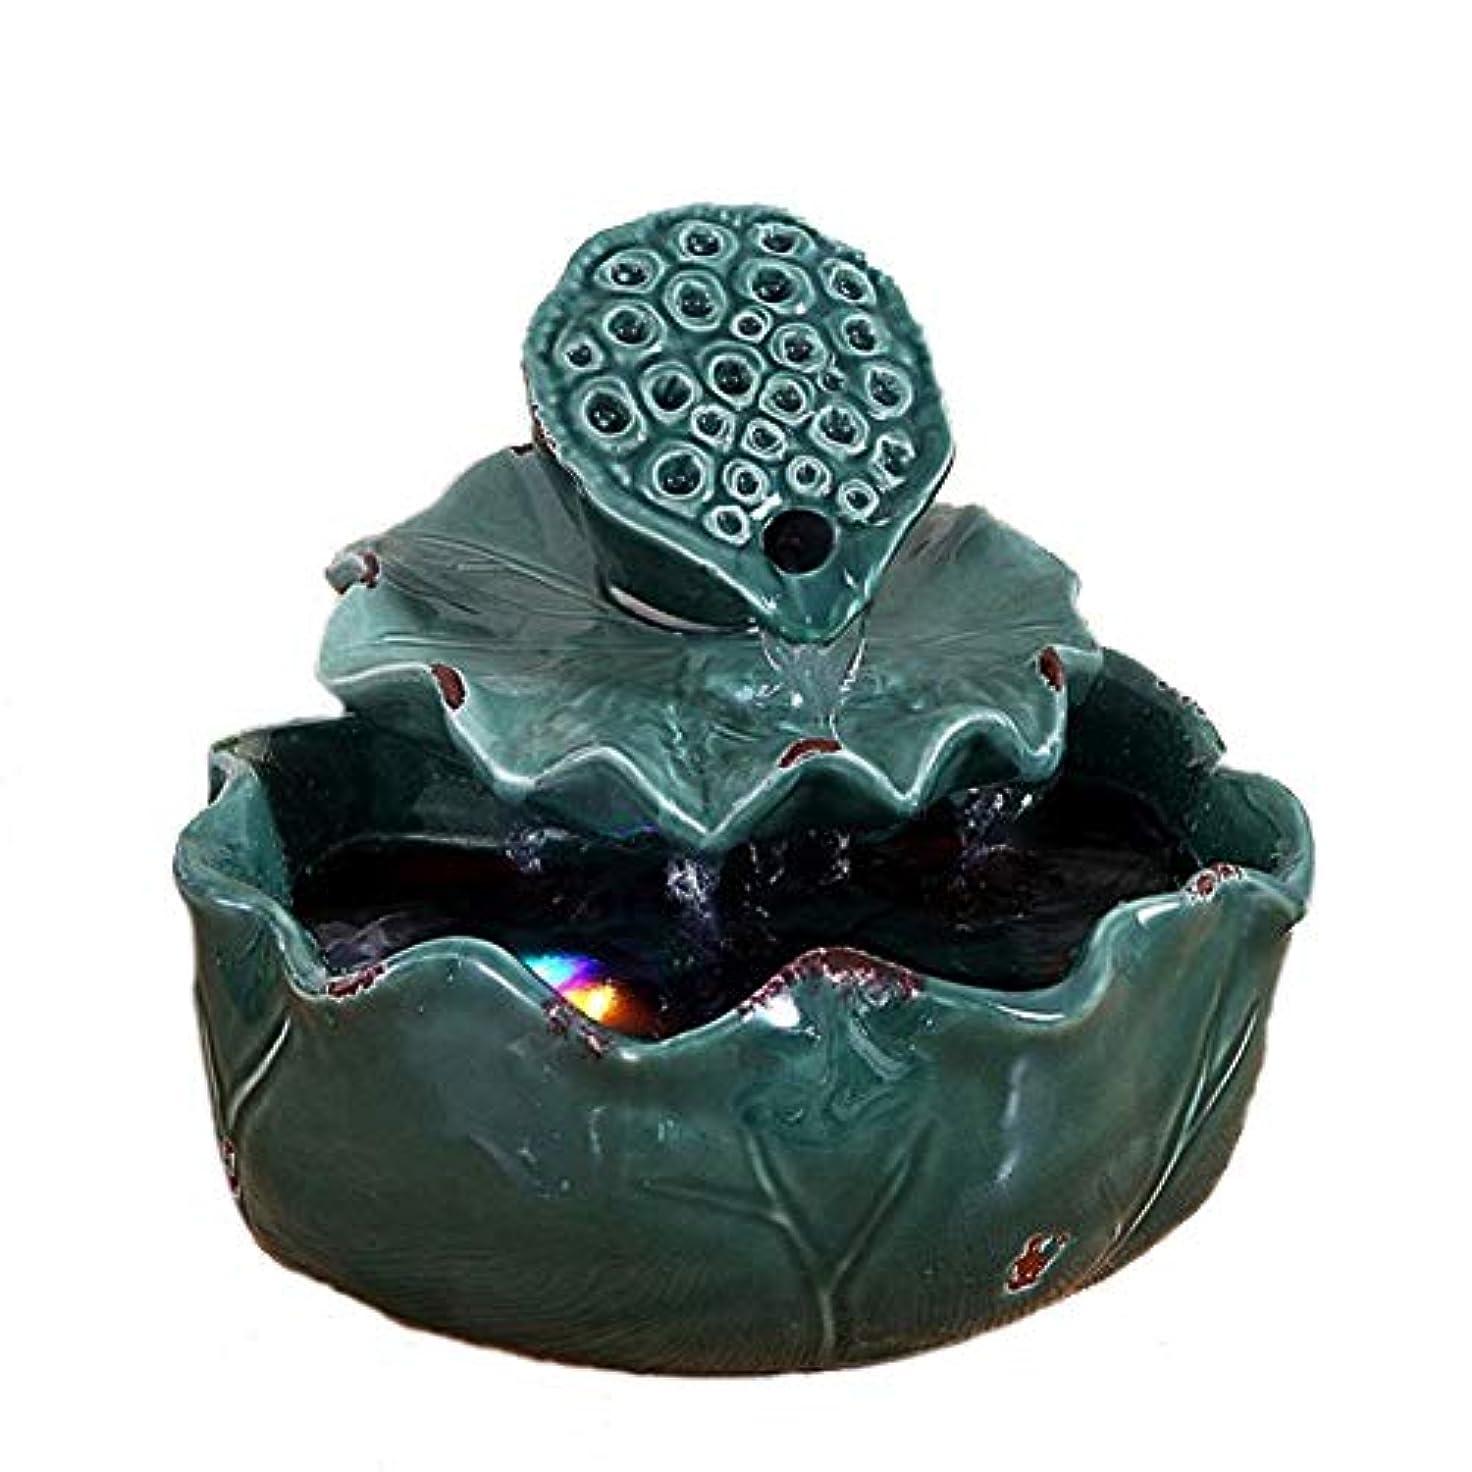 女将プロット包囲空気加湿器クリエイティブロータス卓上装飾装飾セラミック工芸絶妙なギフト